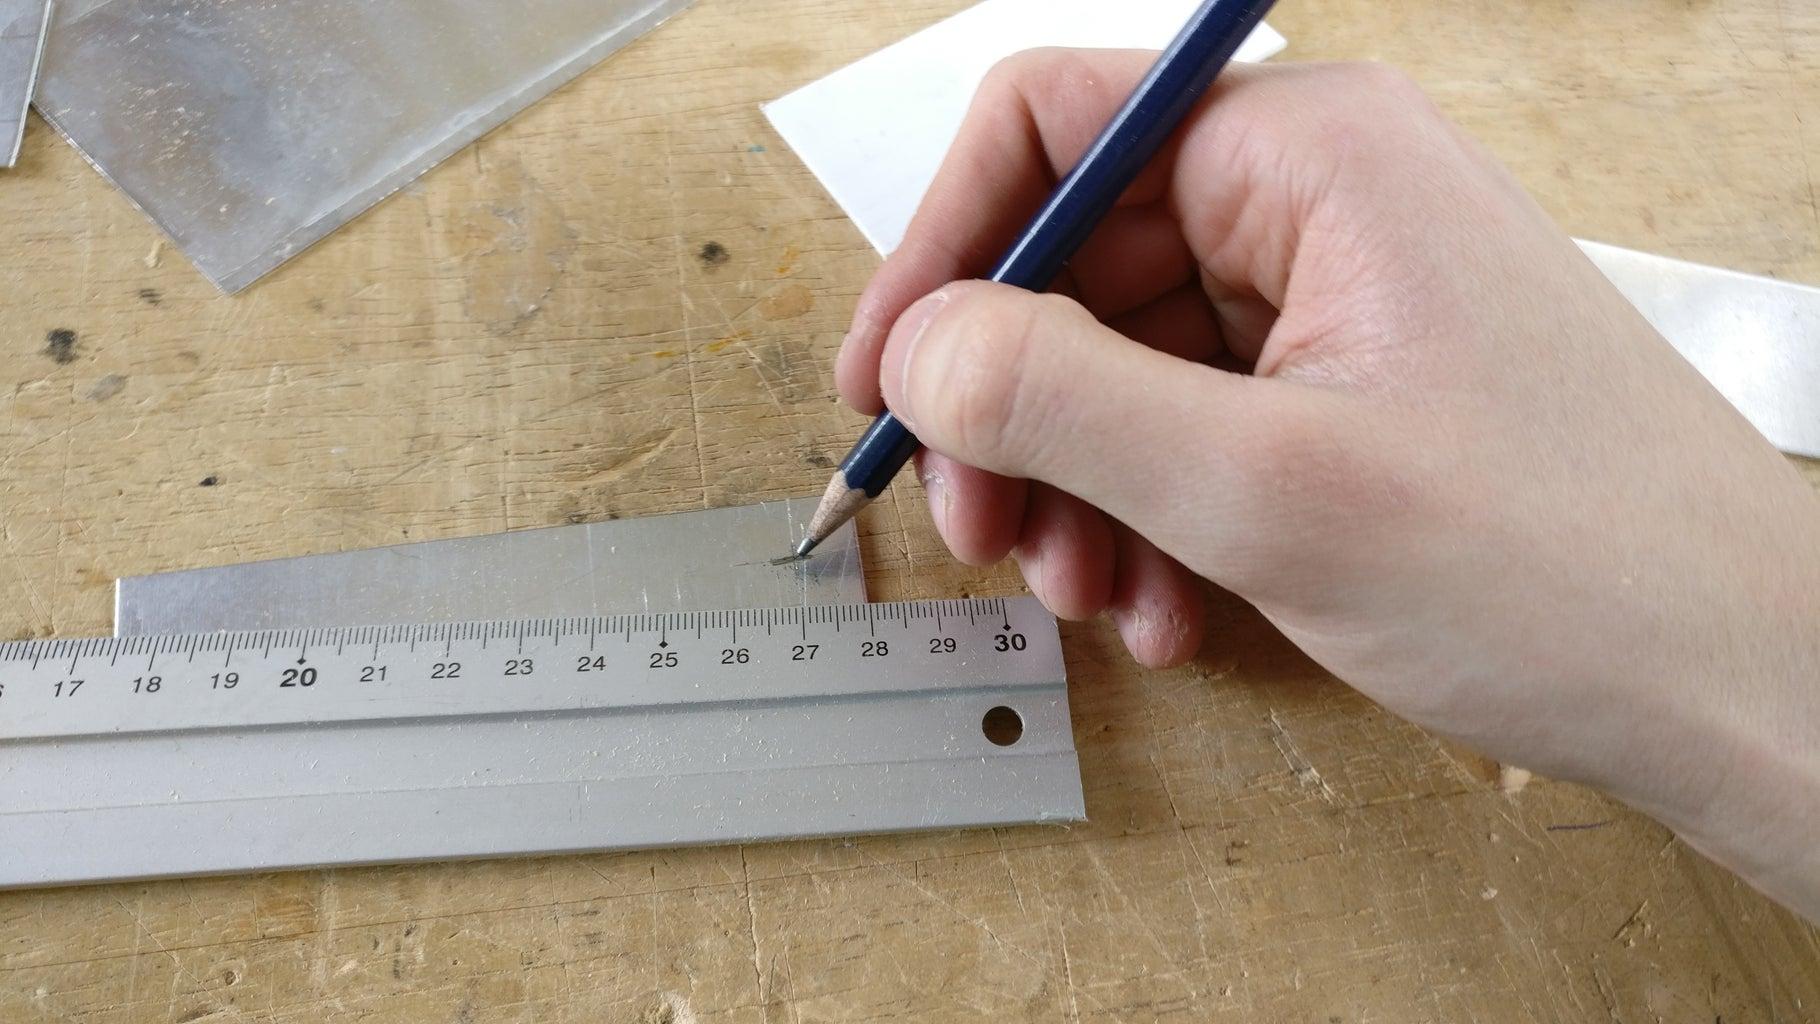 Preparing the Work Piece